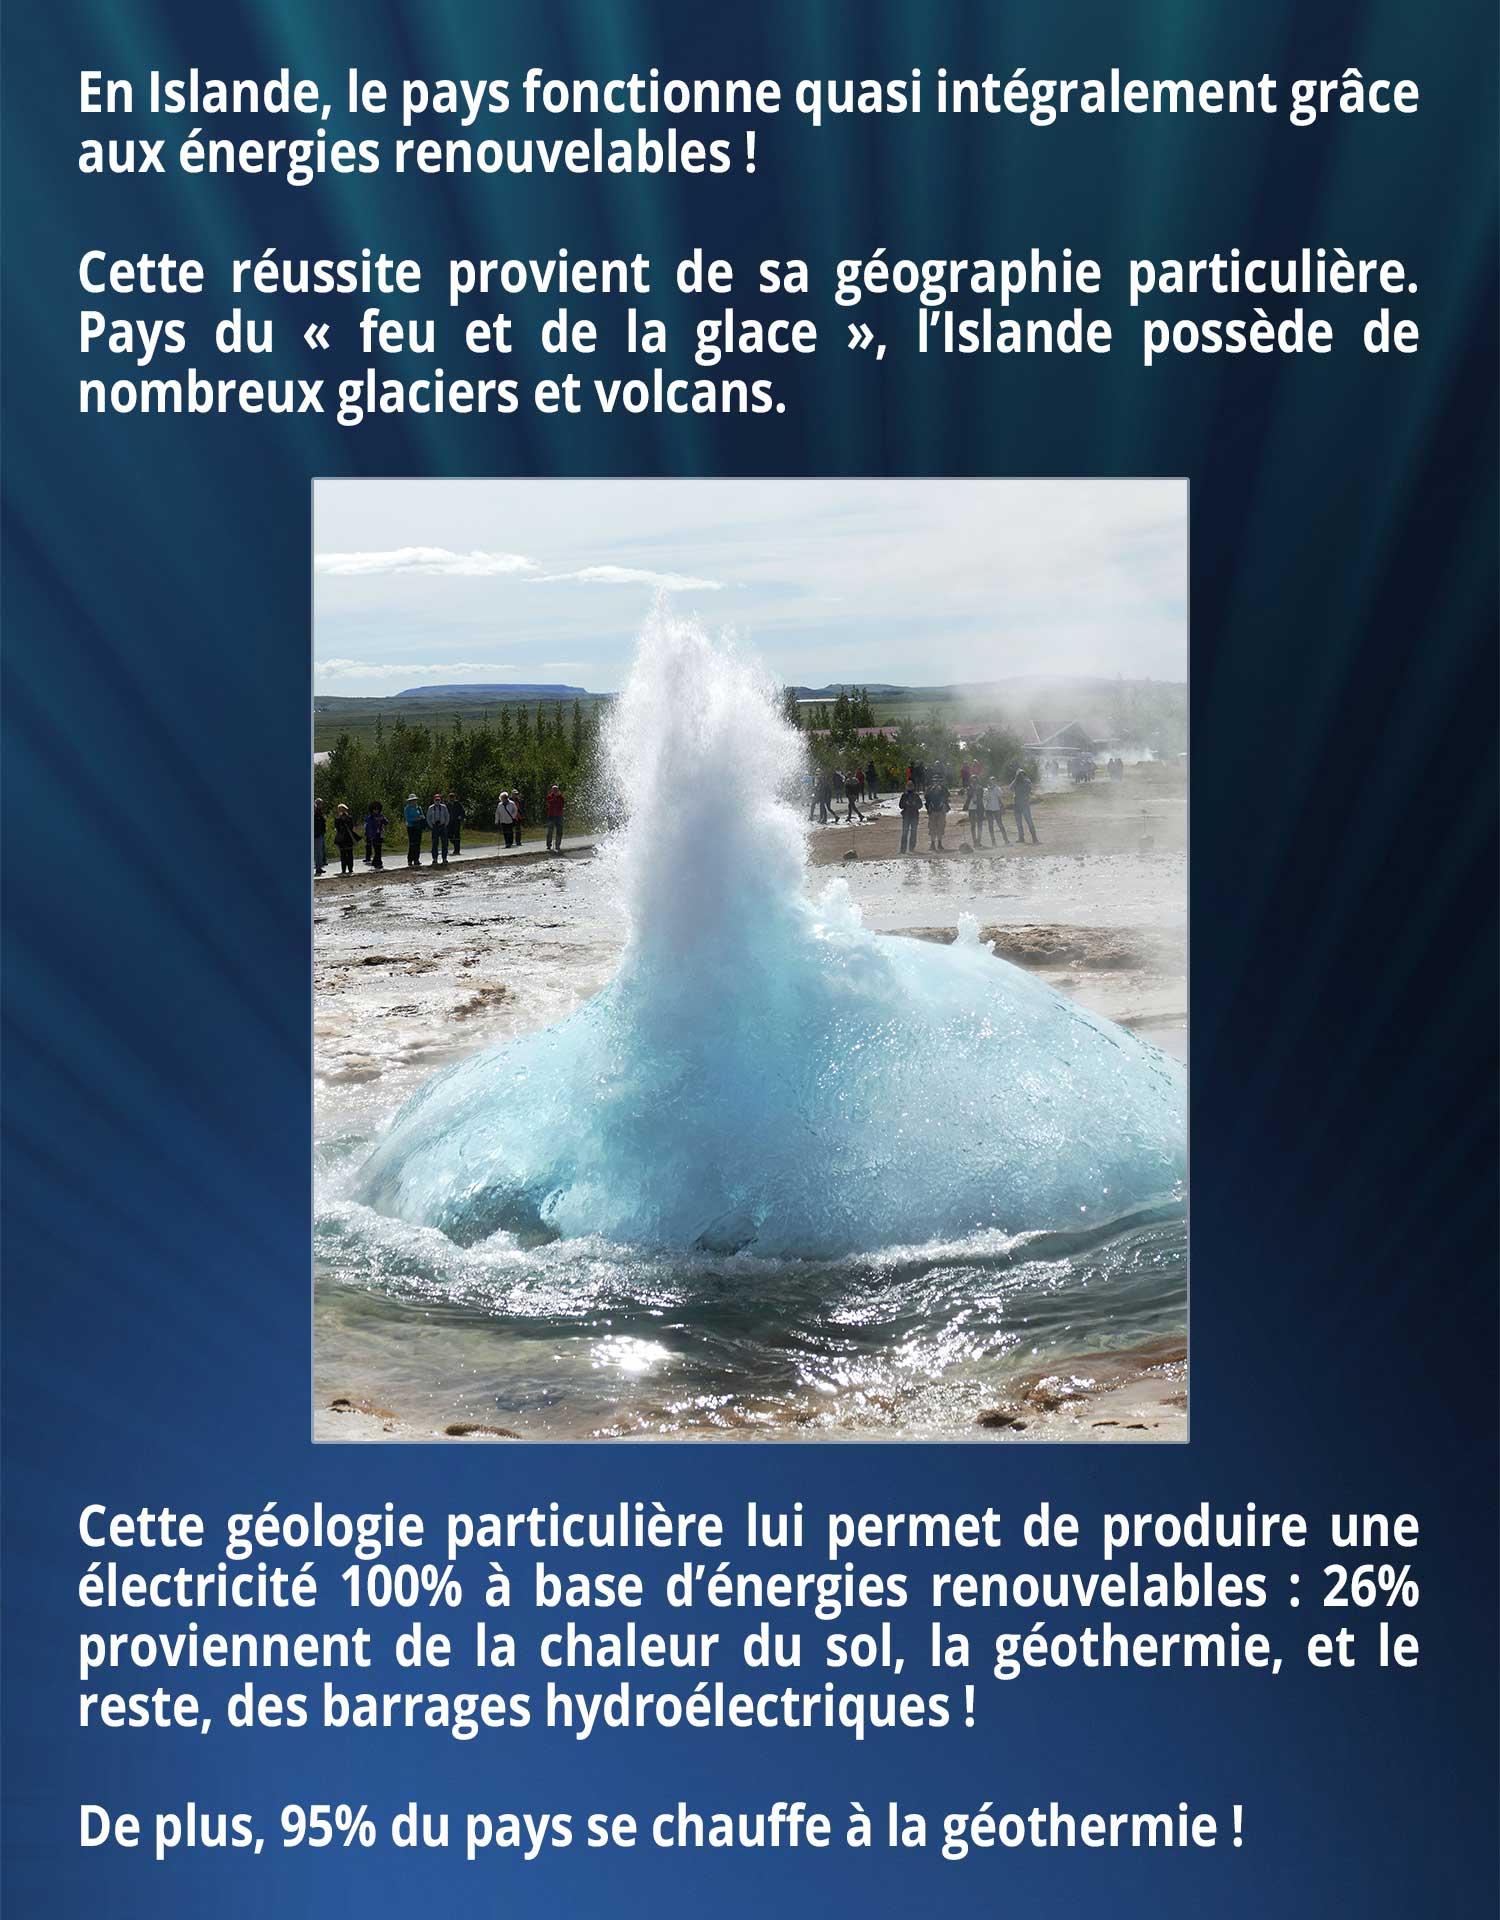 En Islande, le pays fonctionne quasi intégralement grâce aux énergies renouvelables ! Cette réussite provient de sa géographie particulière. Pays du « feu et de la glace », l'Islande possède de nombreux glaciers et volcans. Cette géologie particulière lui permet de produire une électricité 100% à base d'énergies renouvelables : 26% proviennent de la chaleur du sol, la géothermie, et le reste, des barrages hydroélectriques ! De plus, 95% du pays se chauffe à la géothermie !